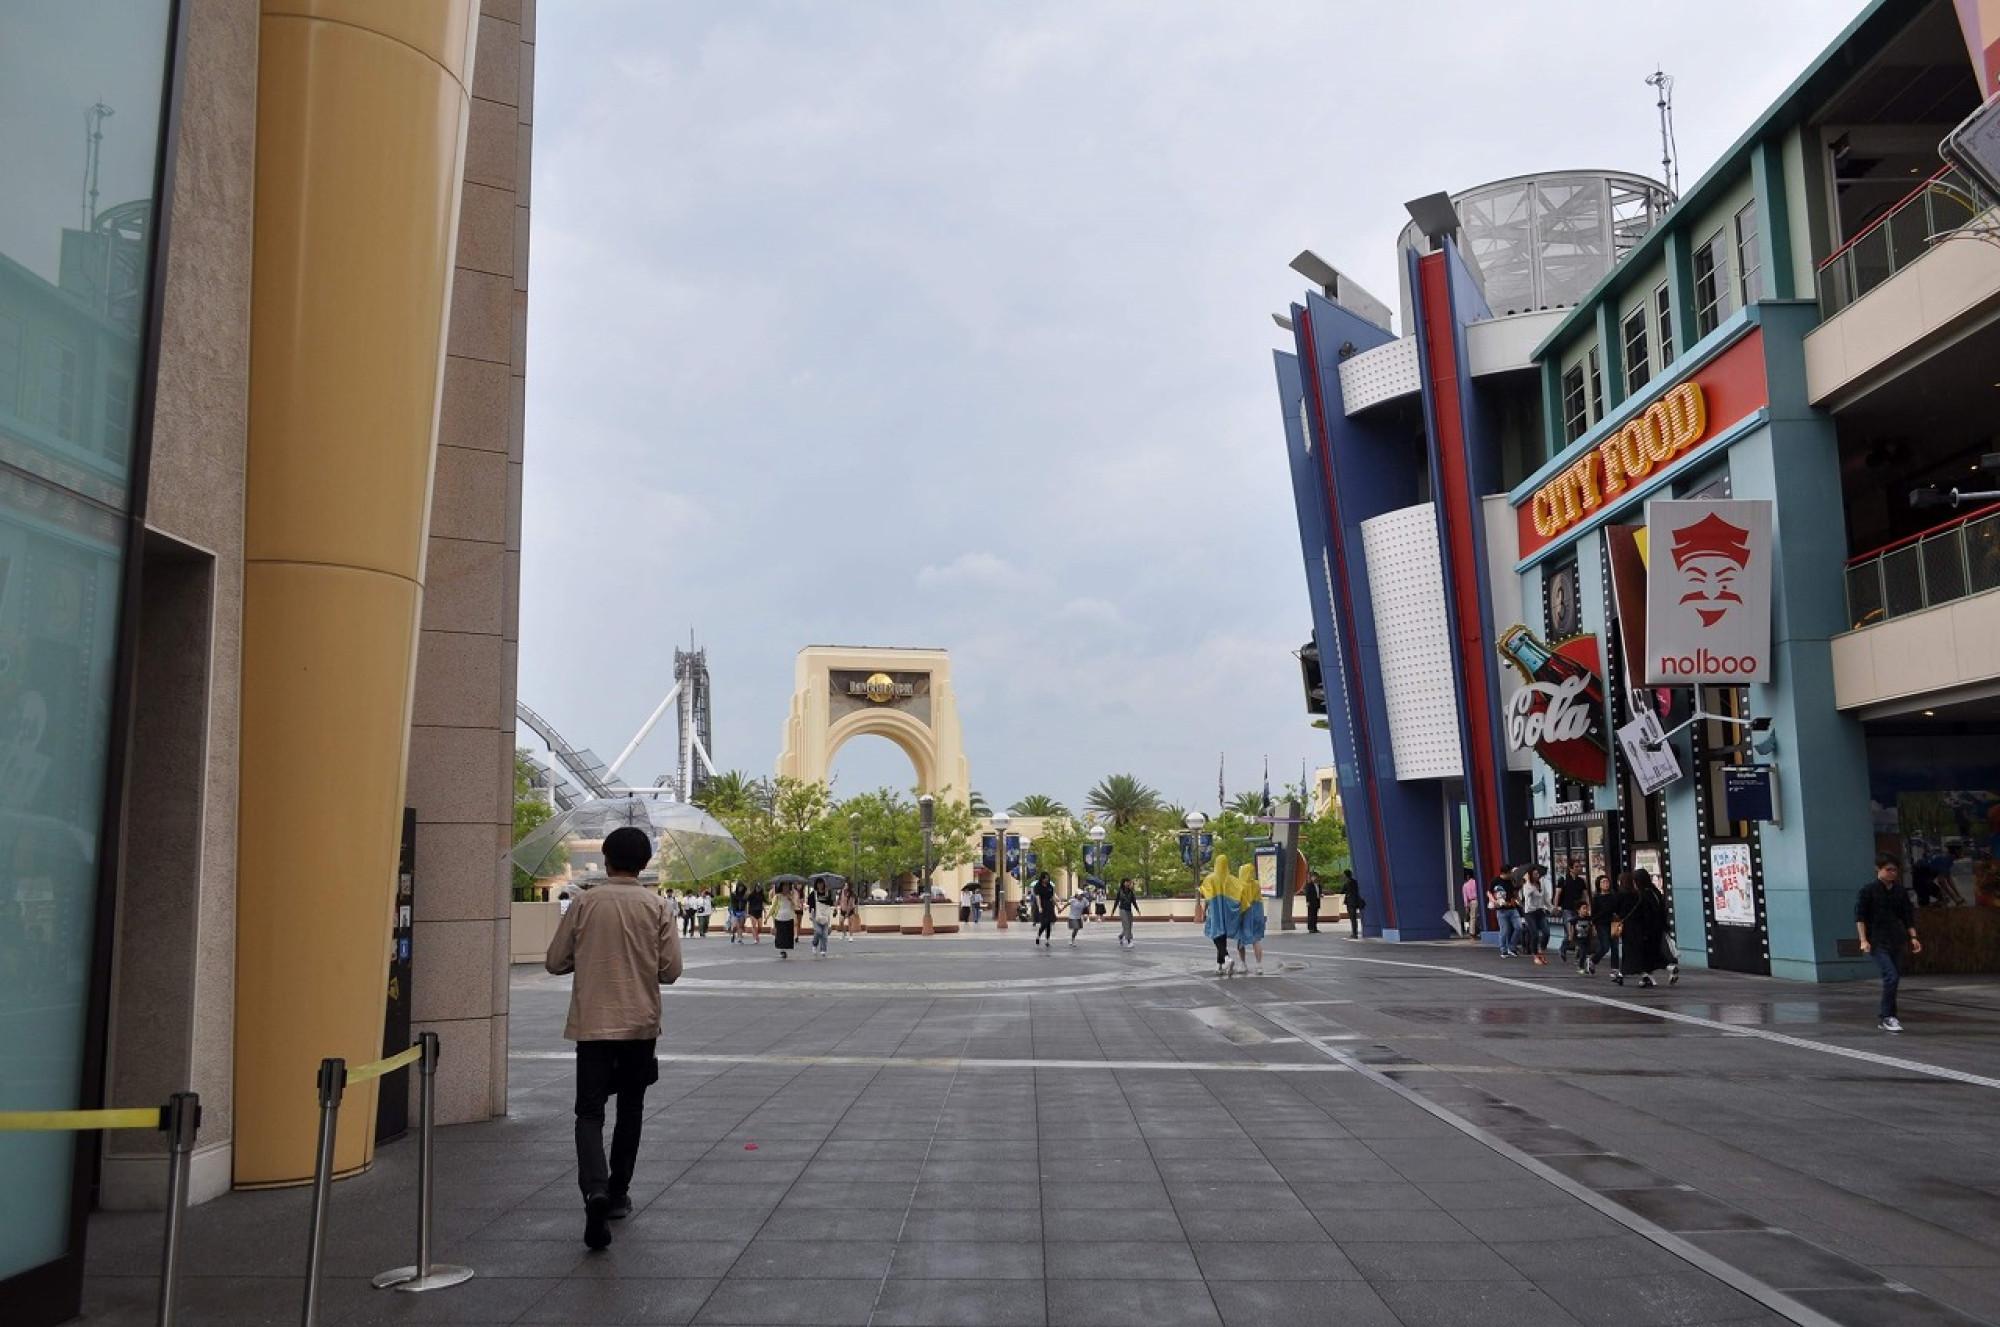 ユニバーサルシティウォーク大阪から見たUSJの門